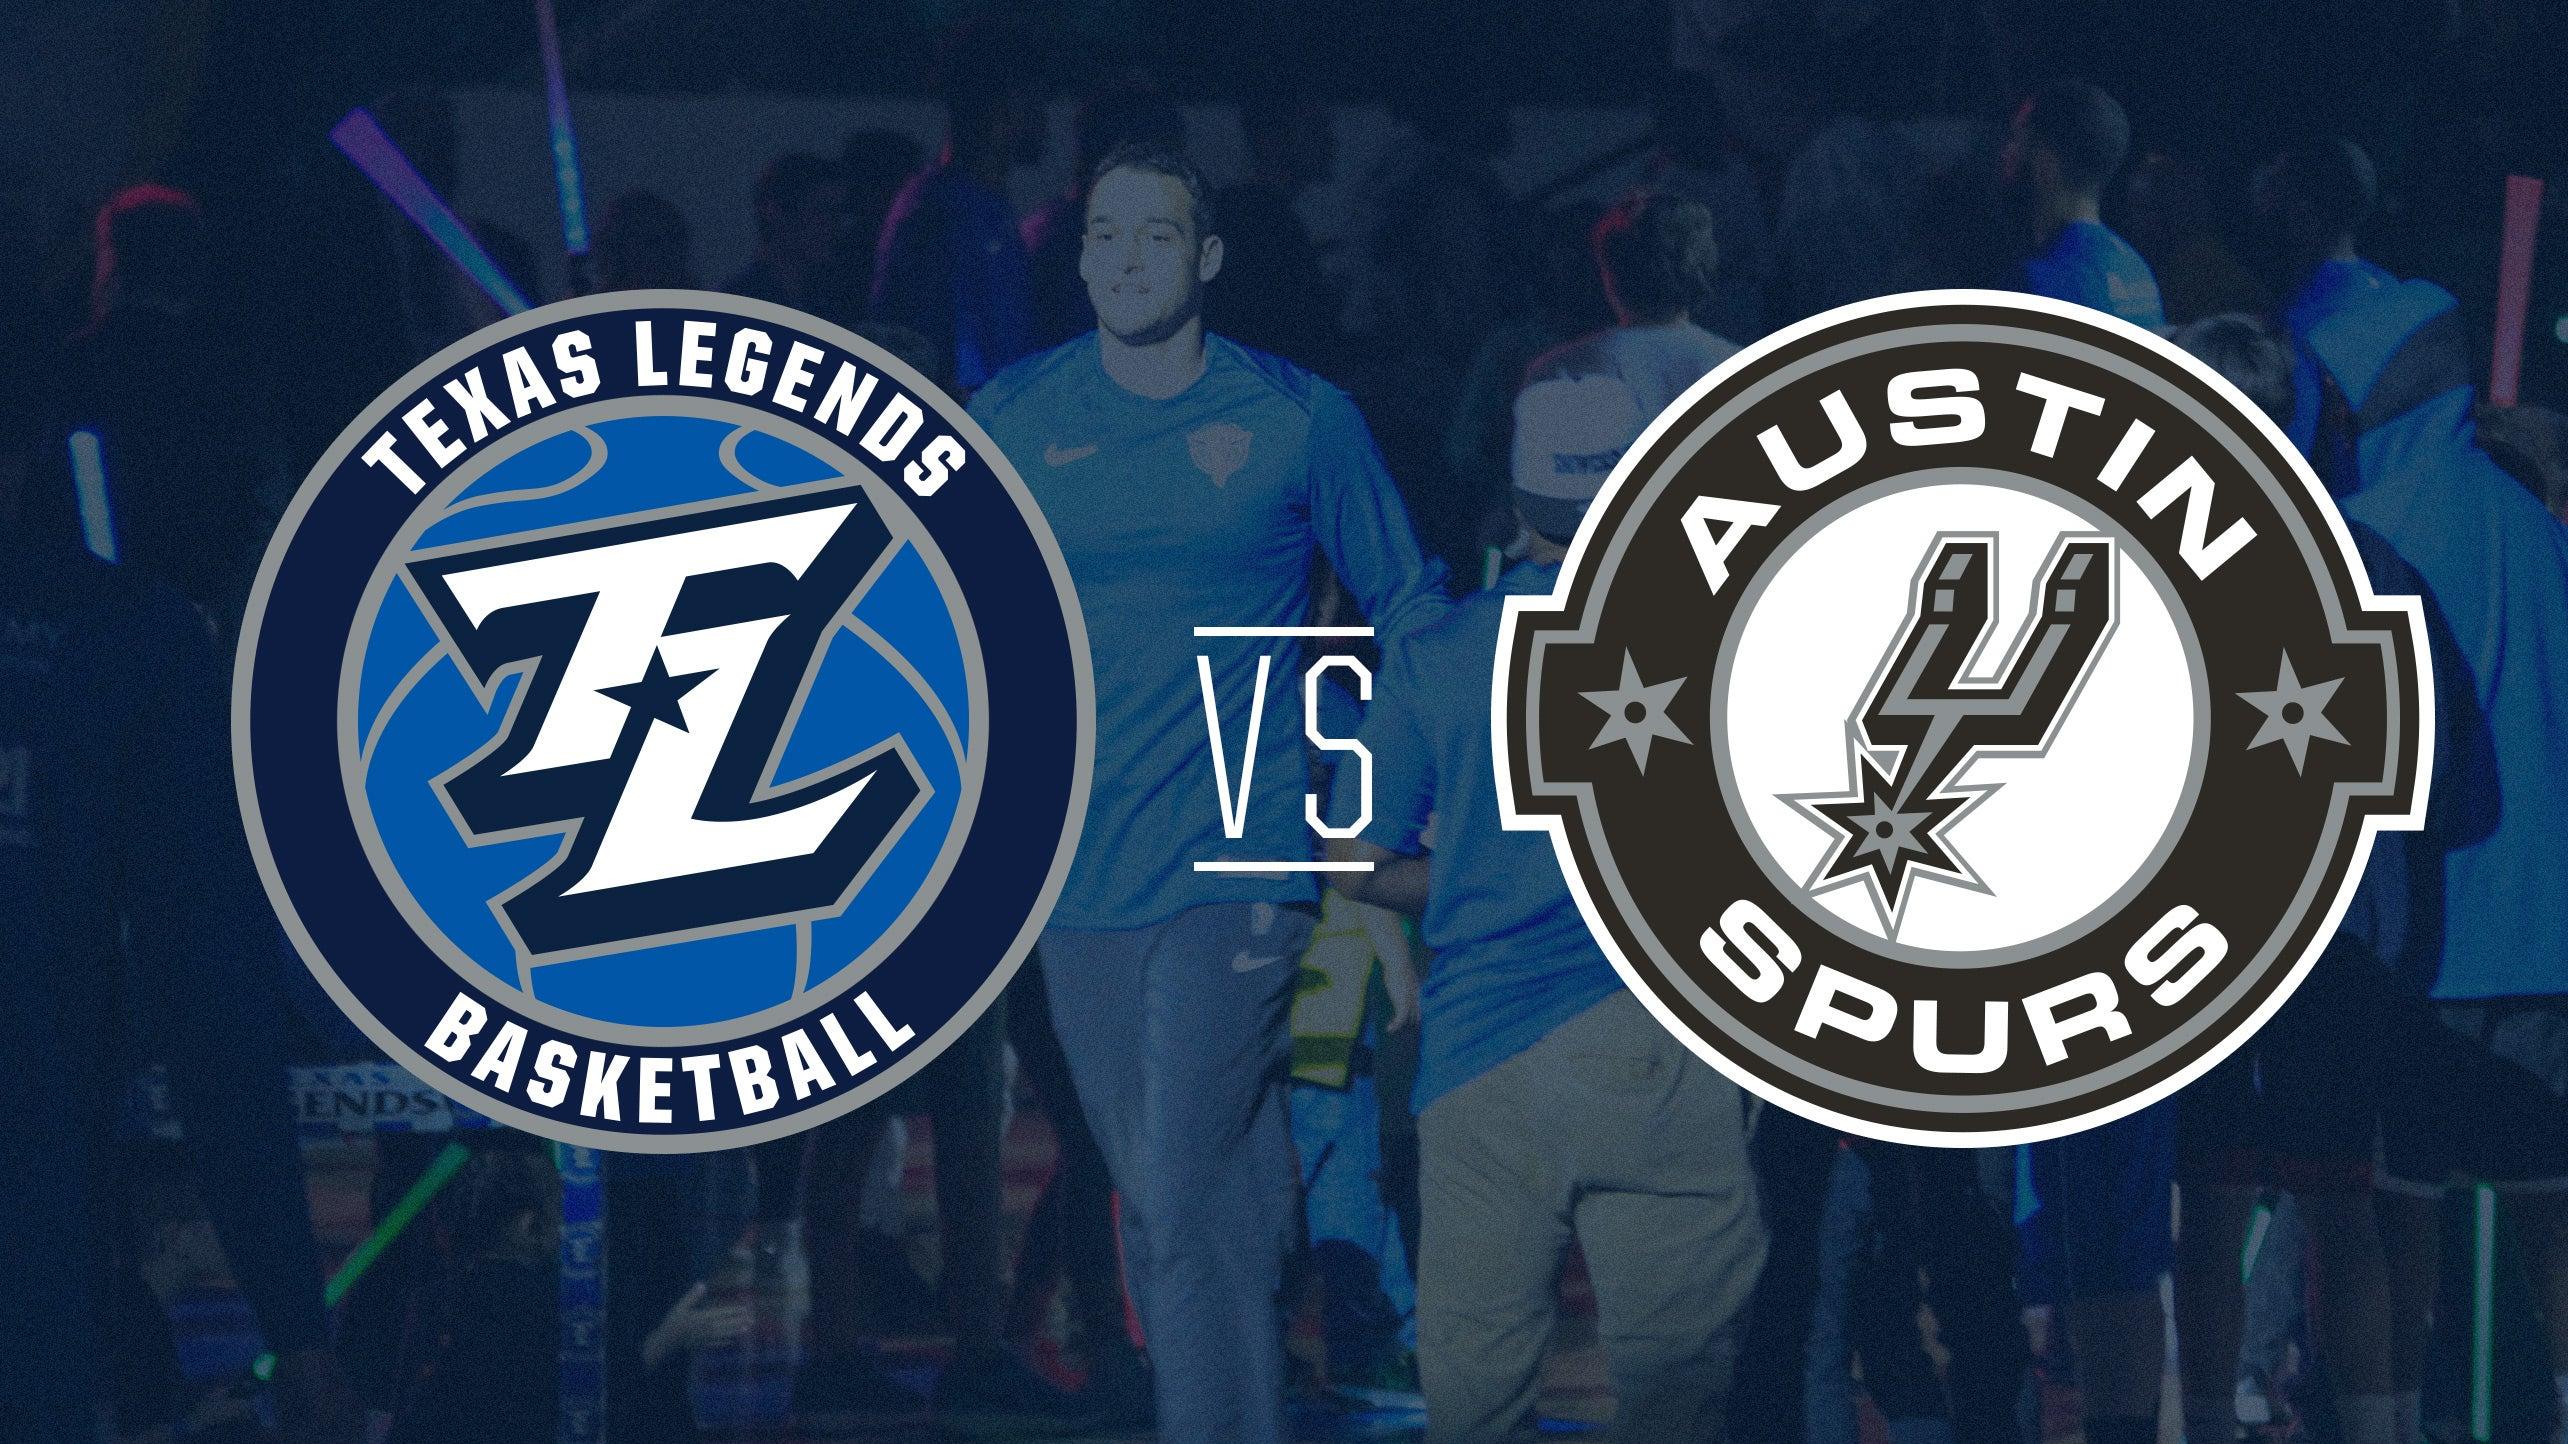 Texas Legends vs Austin Spurs